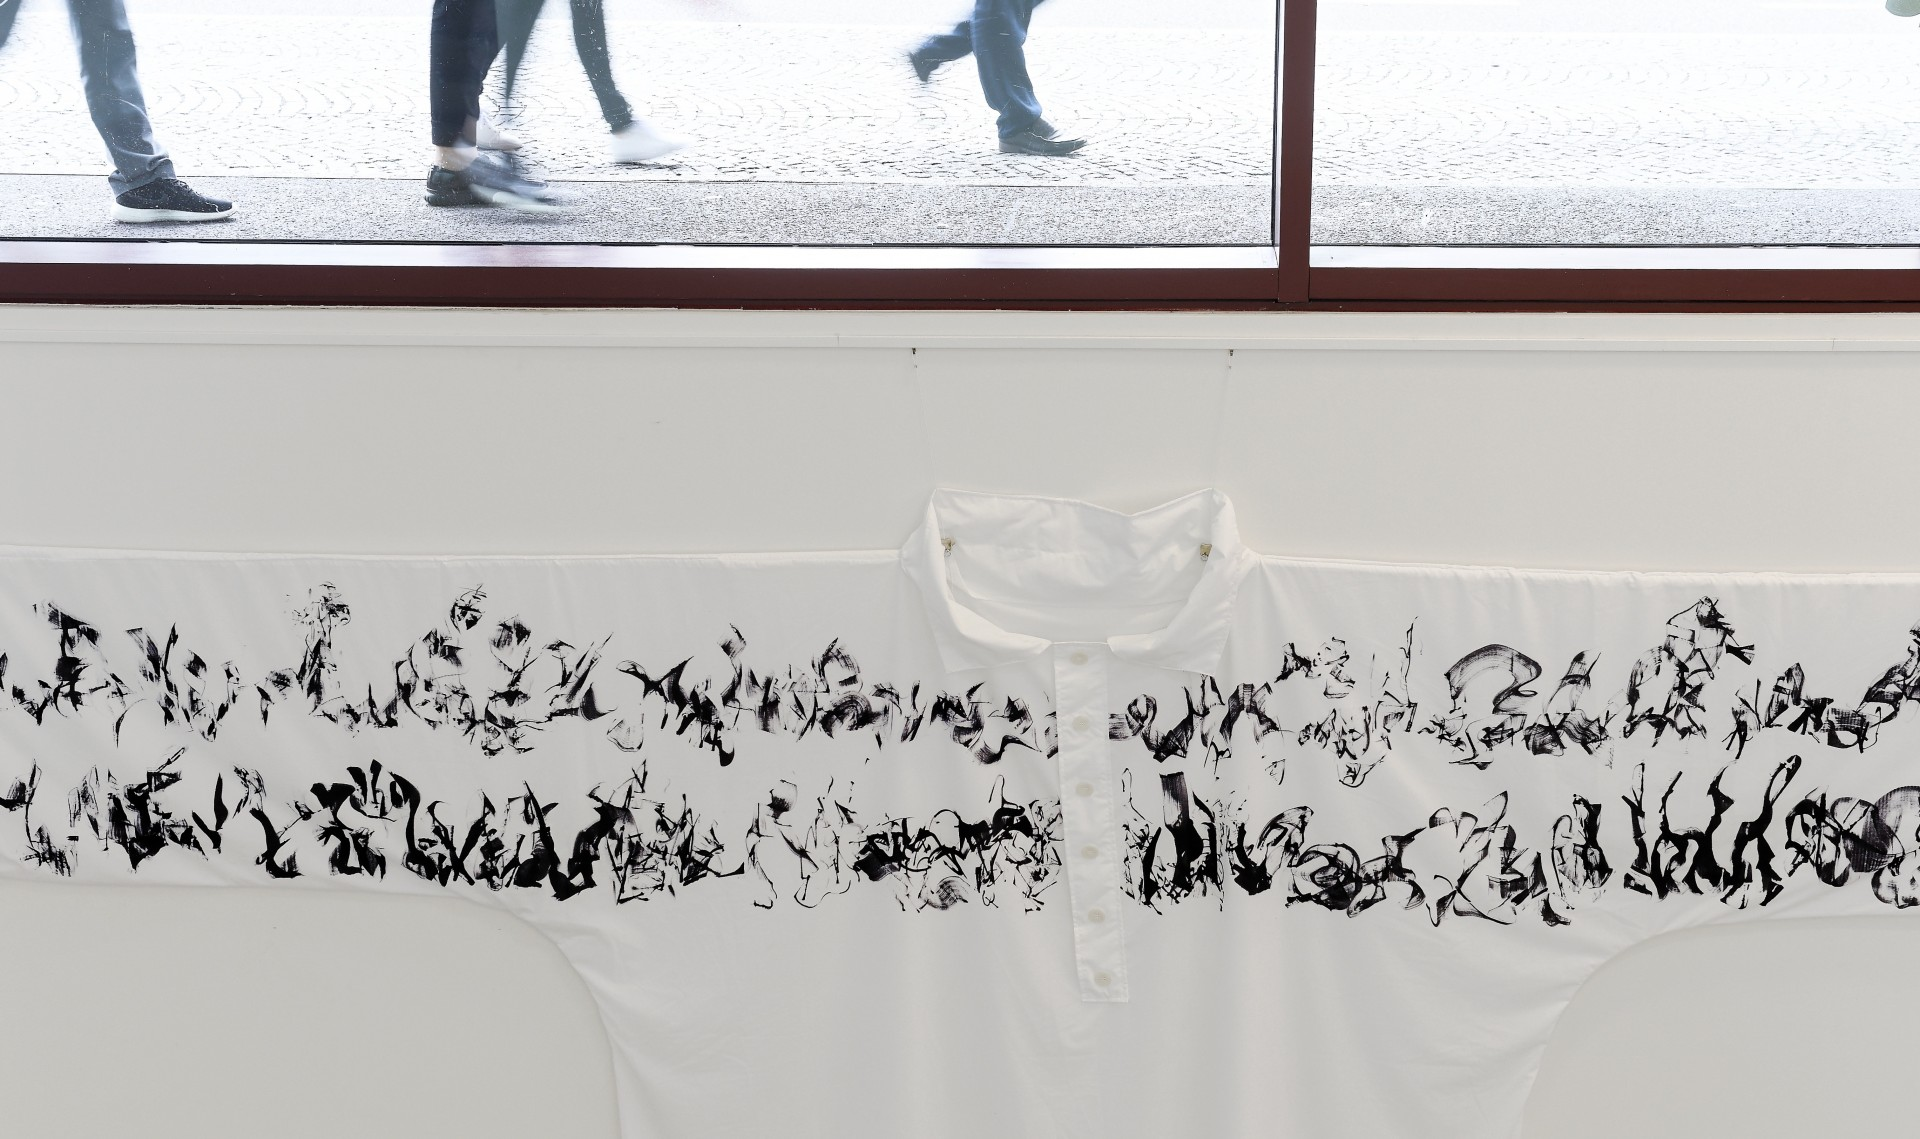 Ausschnitt: 'Hemd des Bibliothekars', Acryl / synthetisches Bitumen auf Trevira, ca 560 x 325 cm, 2017